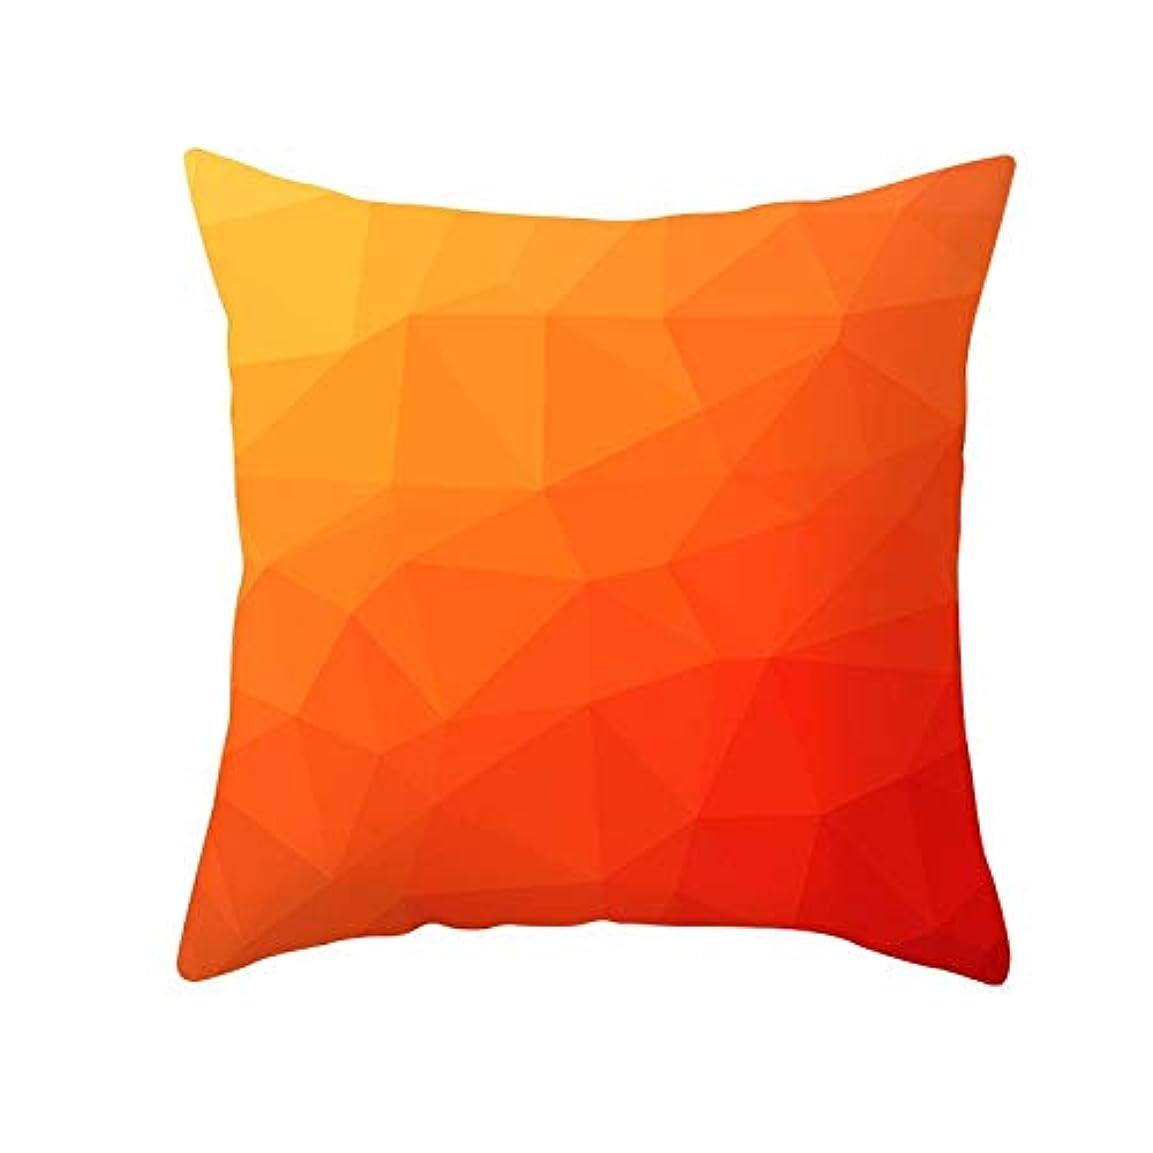 宿泊デンマーク語パイプLIFE 装飾クッションソファ 幾何学プリントポリエステル正方形の枕ソファスロークッション家の装飾 coussin デ長椅子 クッション 椅子